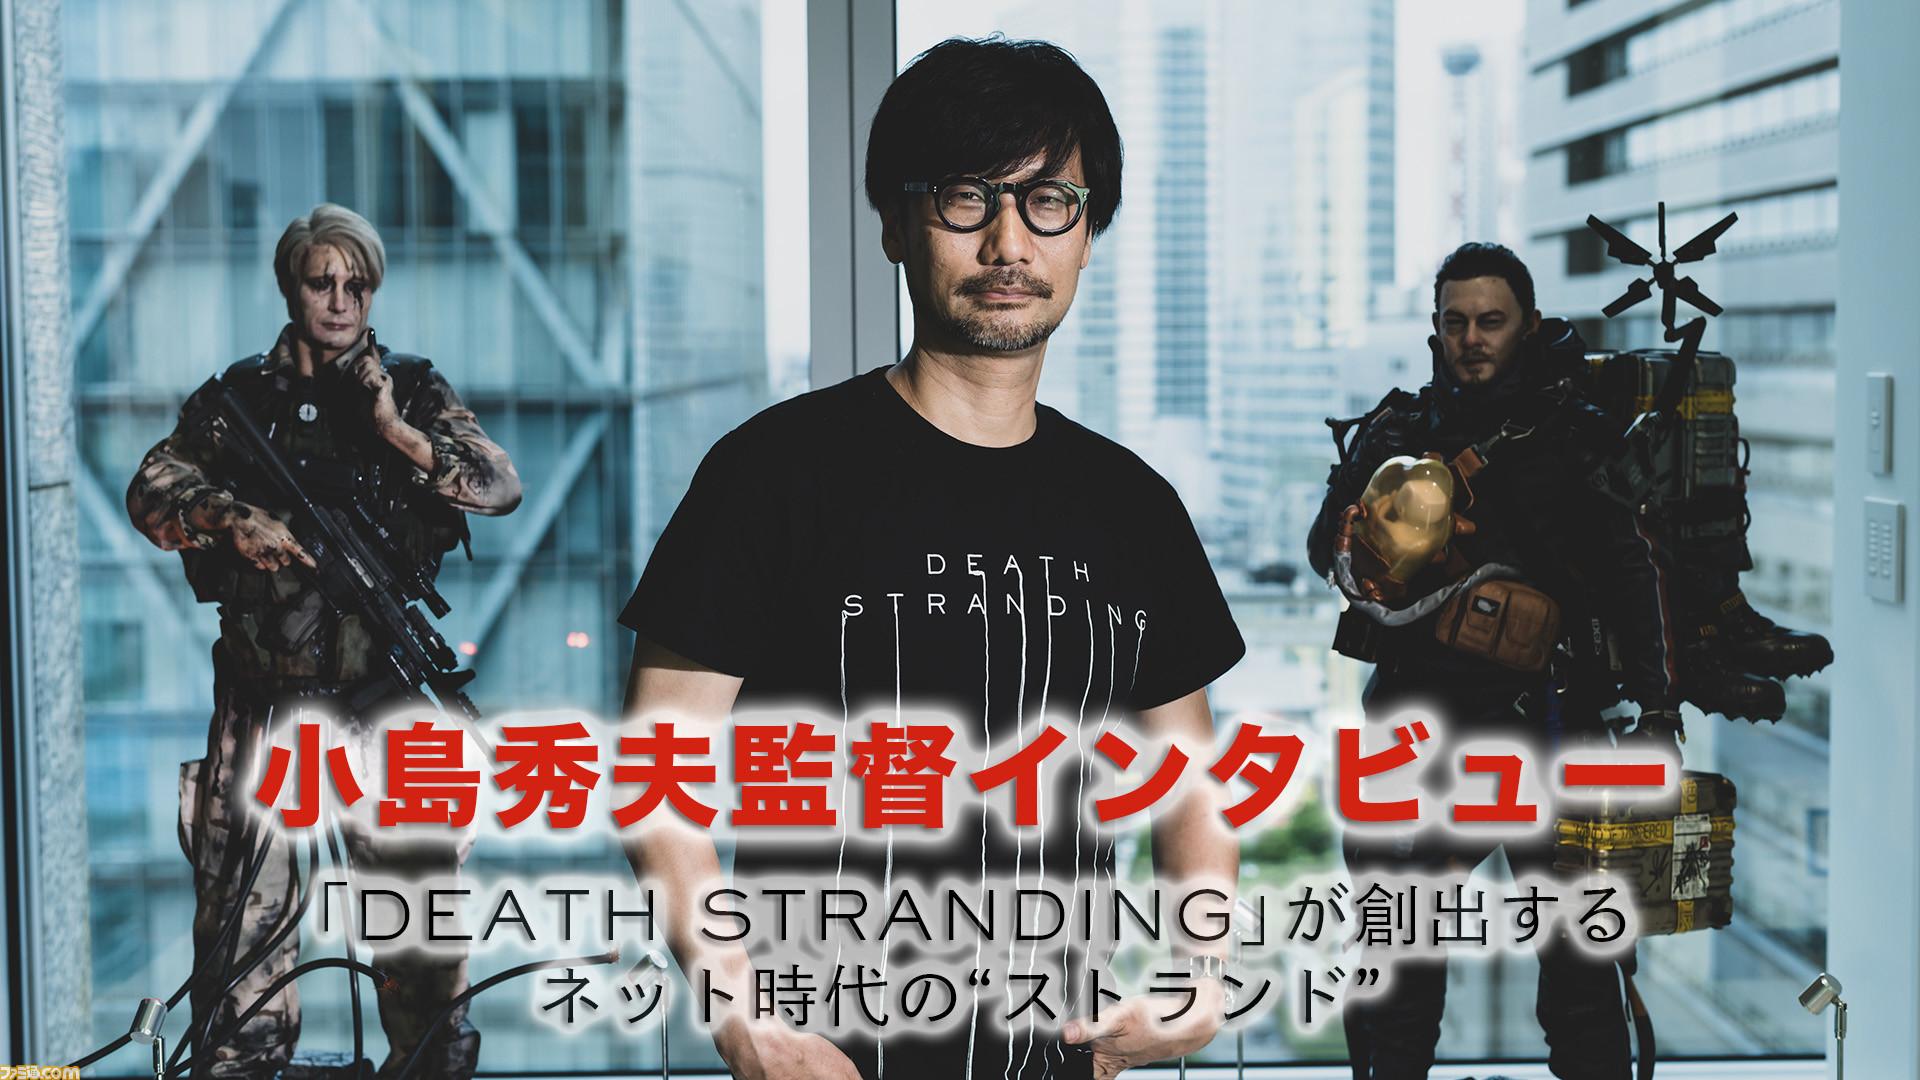 『デス・ストランディング』は他者と距離を置くことで人にやさしくなれるゲーム。小島秀夫監督インタビュー - ファミ通.com